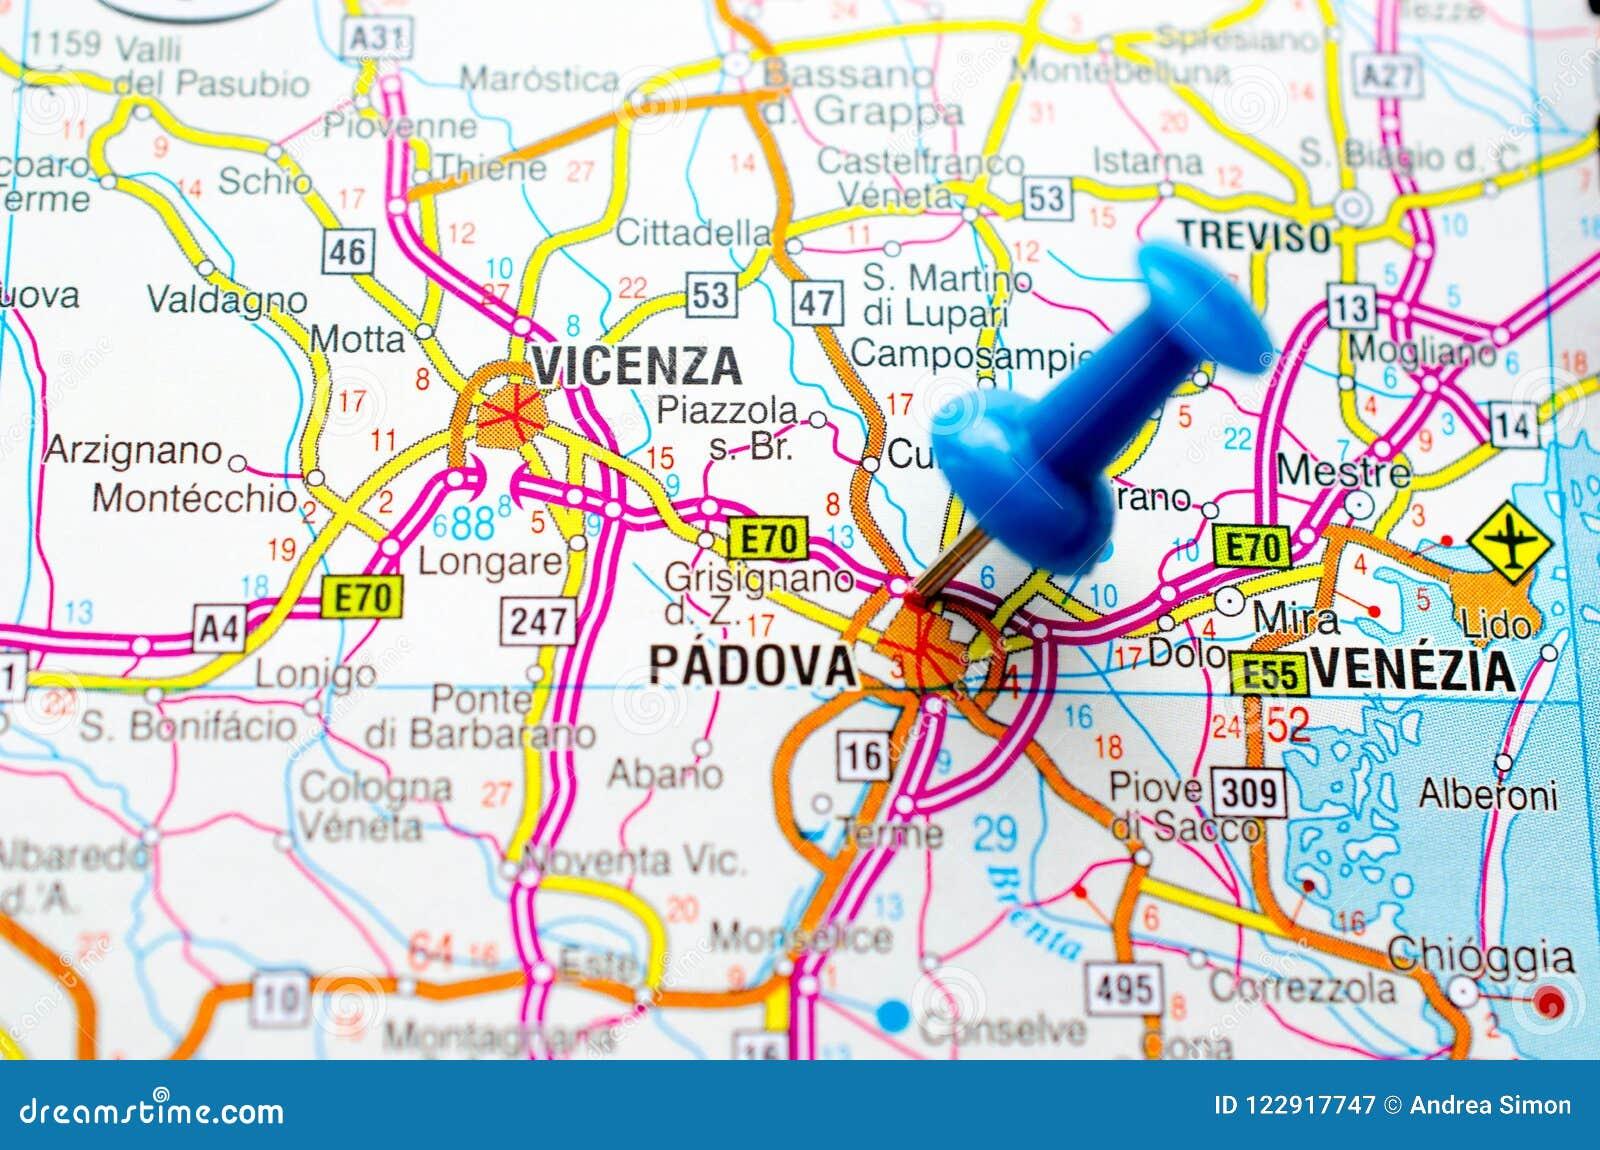 Karte Norwegen D303244nemark.Venedig Karte Europa